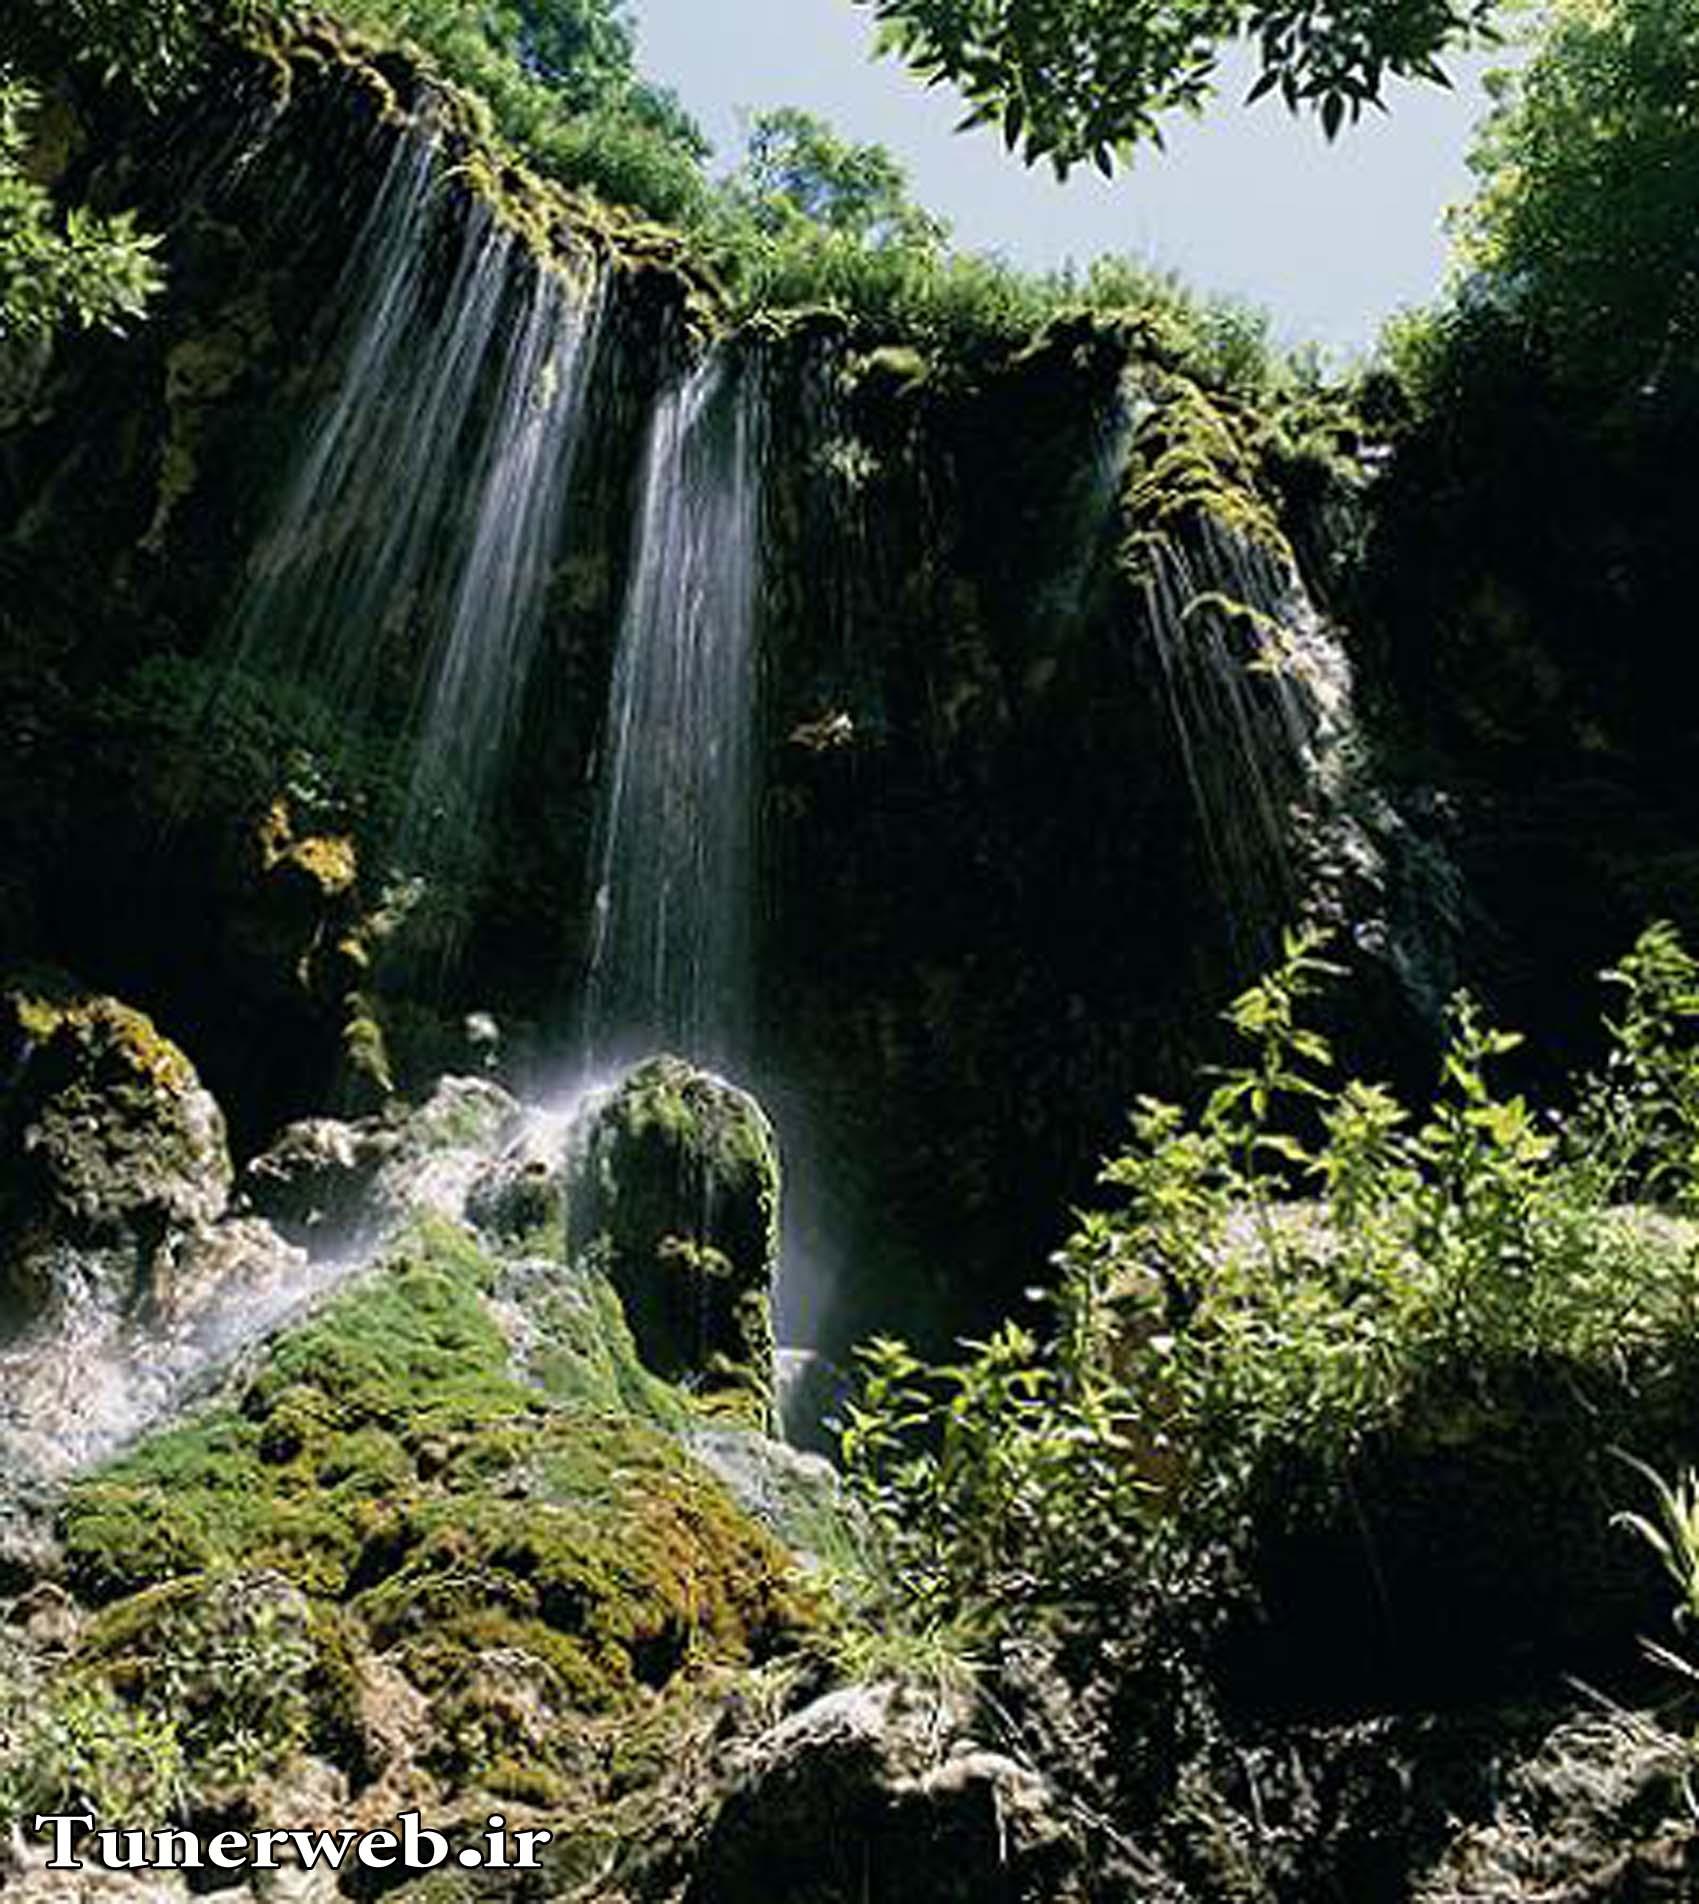 تصاویری از مسیر آبشار ارتکند کلات نادر